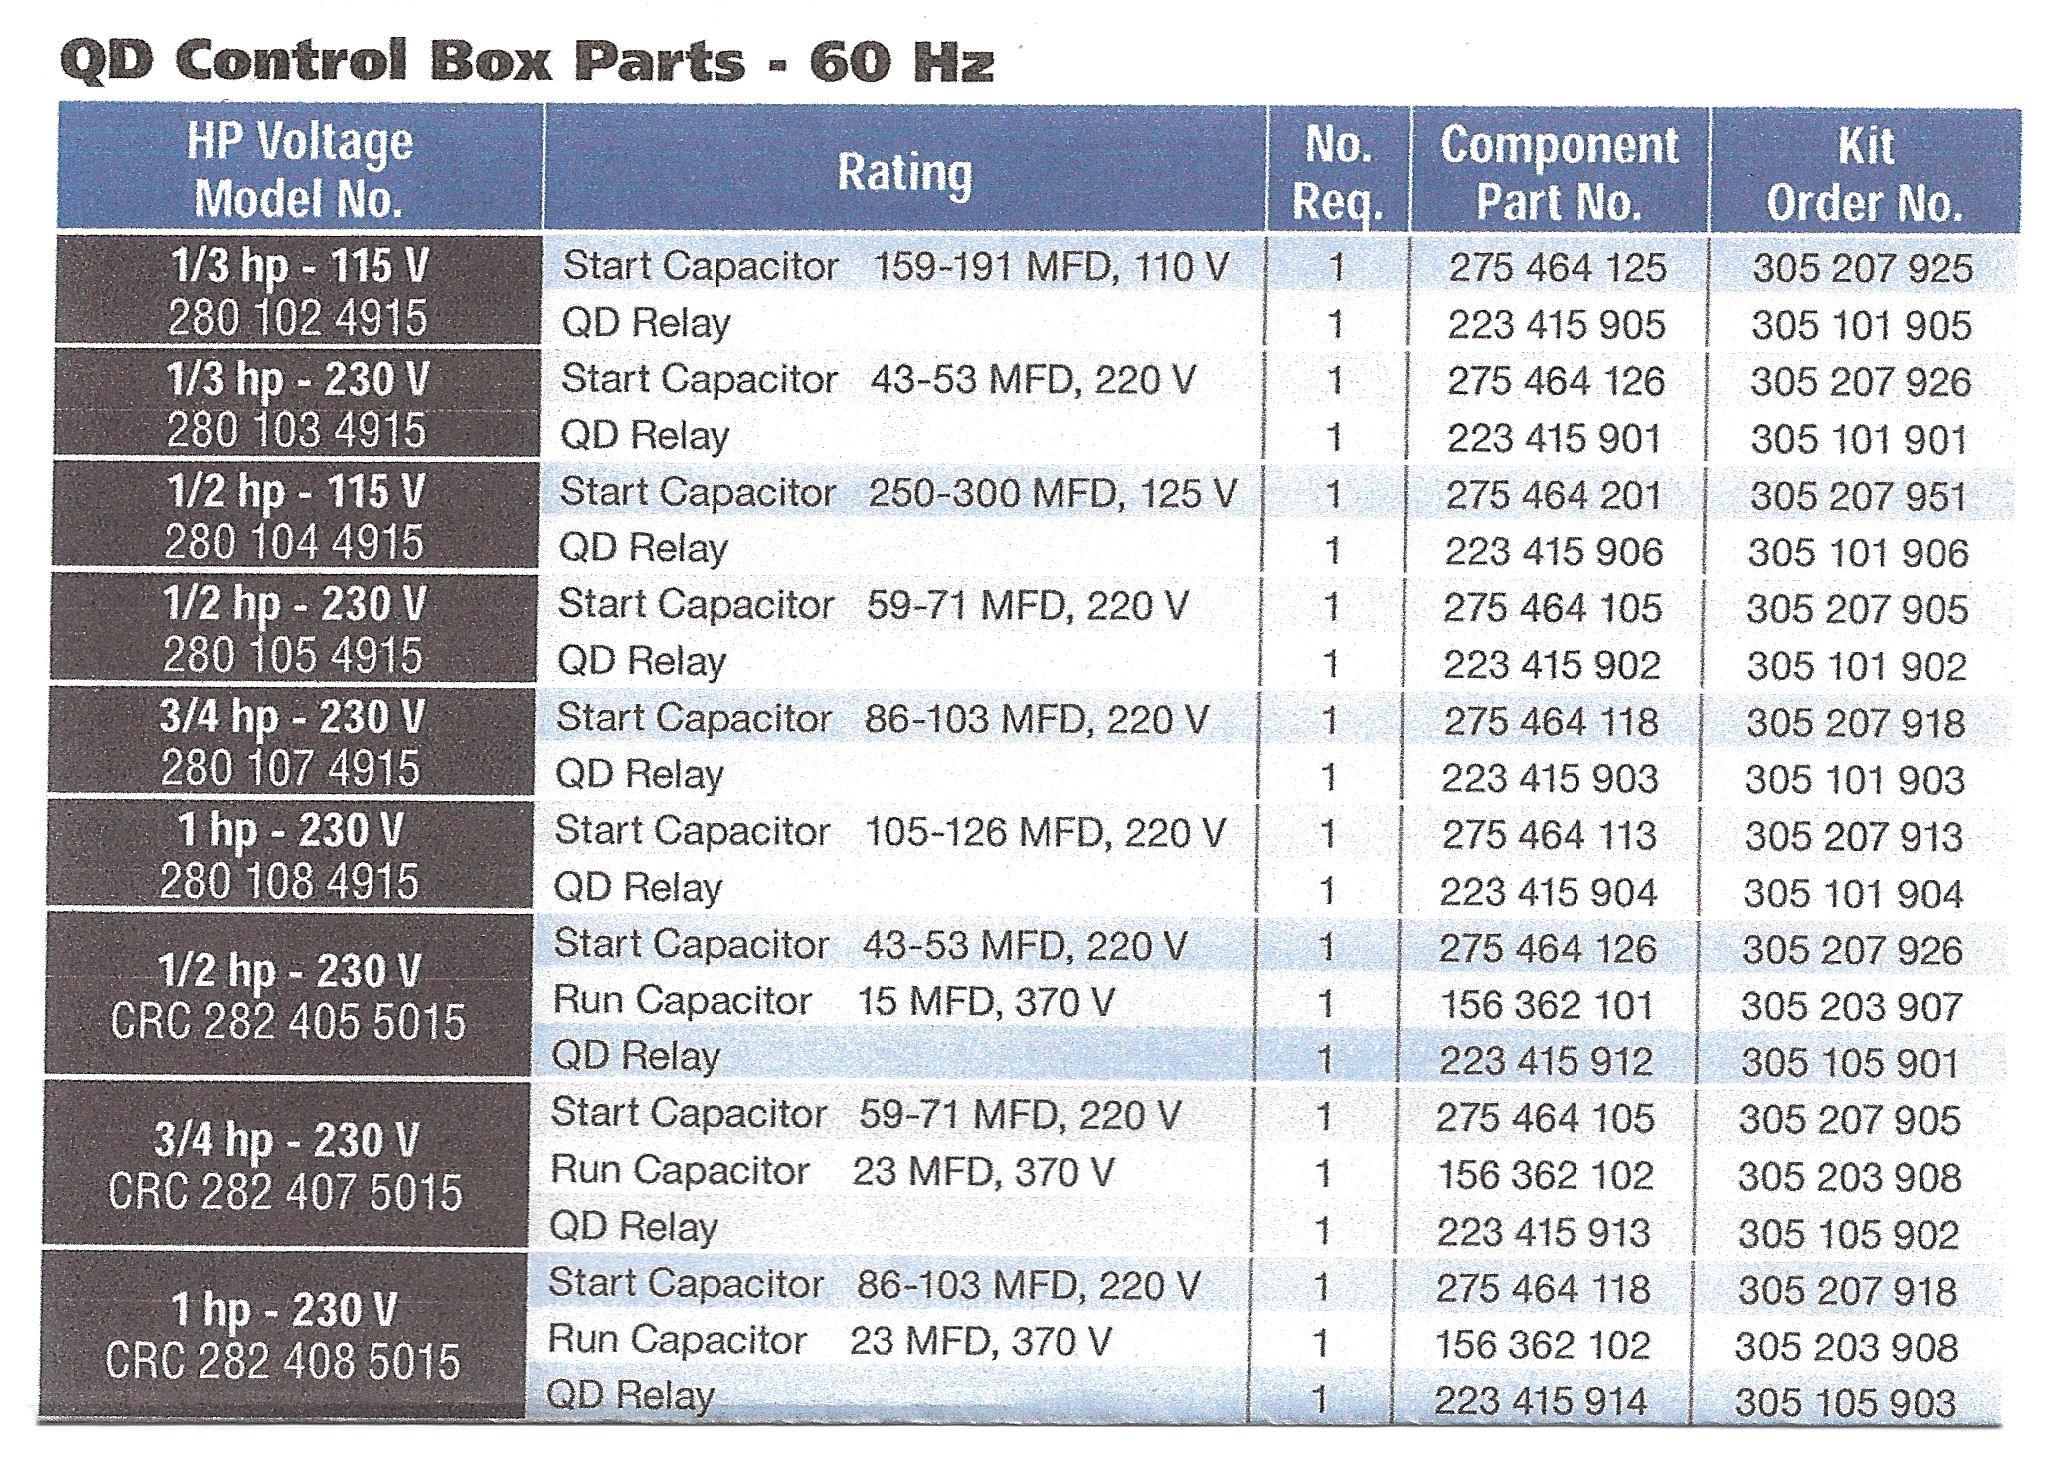 Franklin 3/4Hp 230V Crc Control Box - Franklin Electric Control Box Wiring Diagram